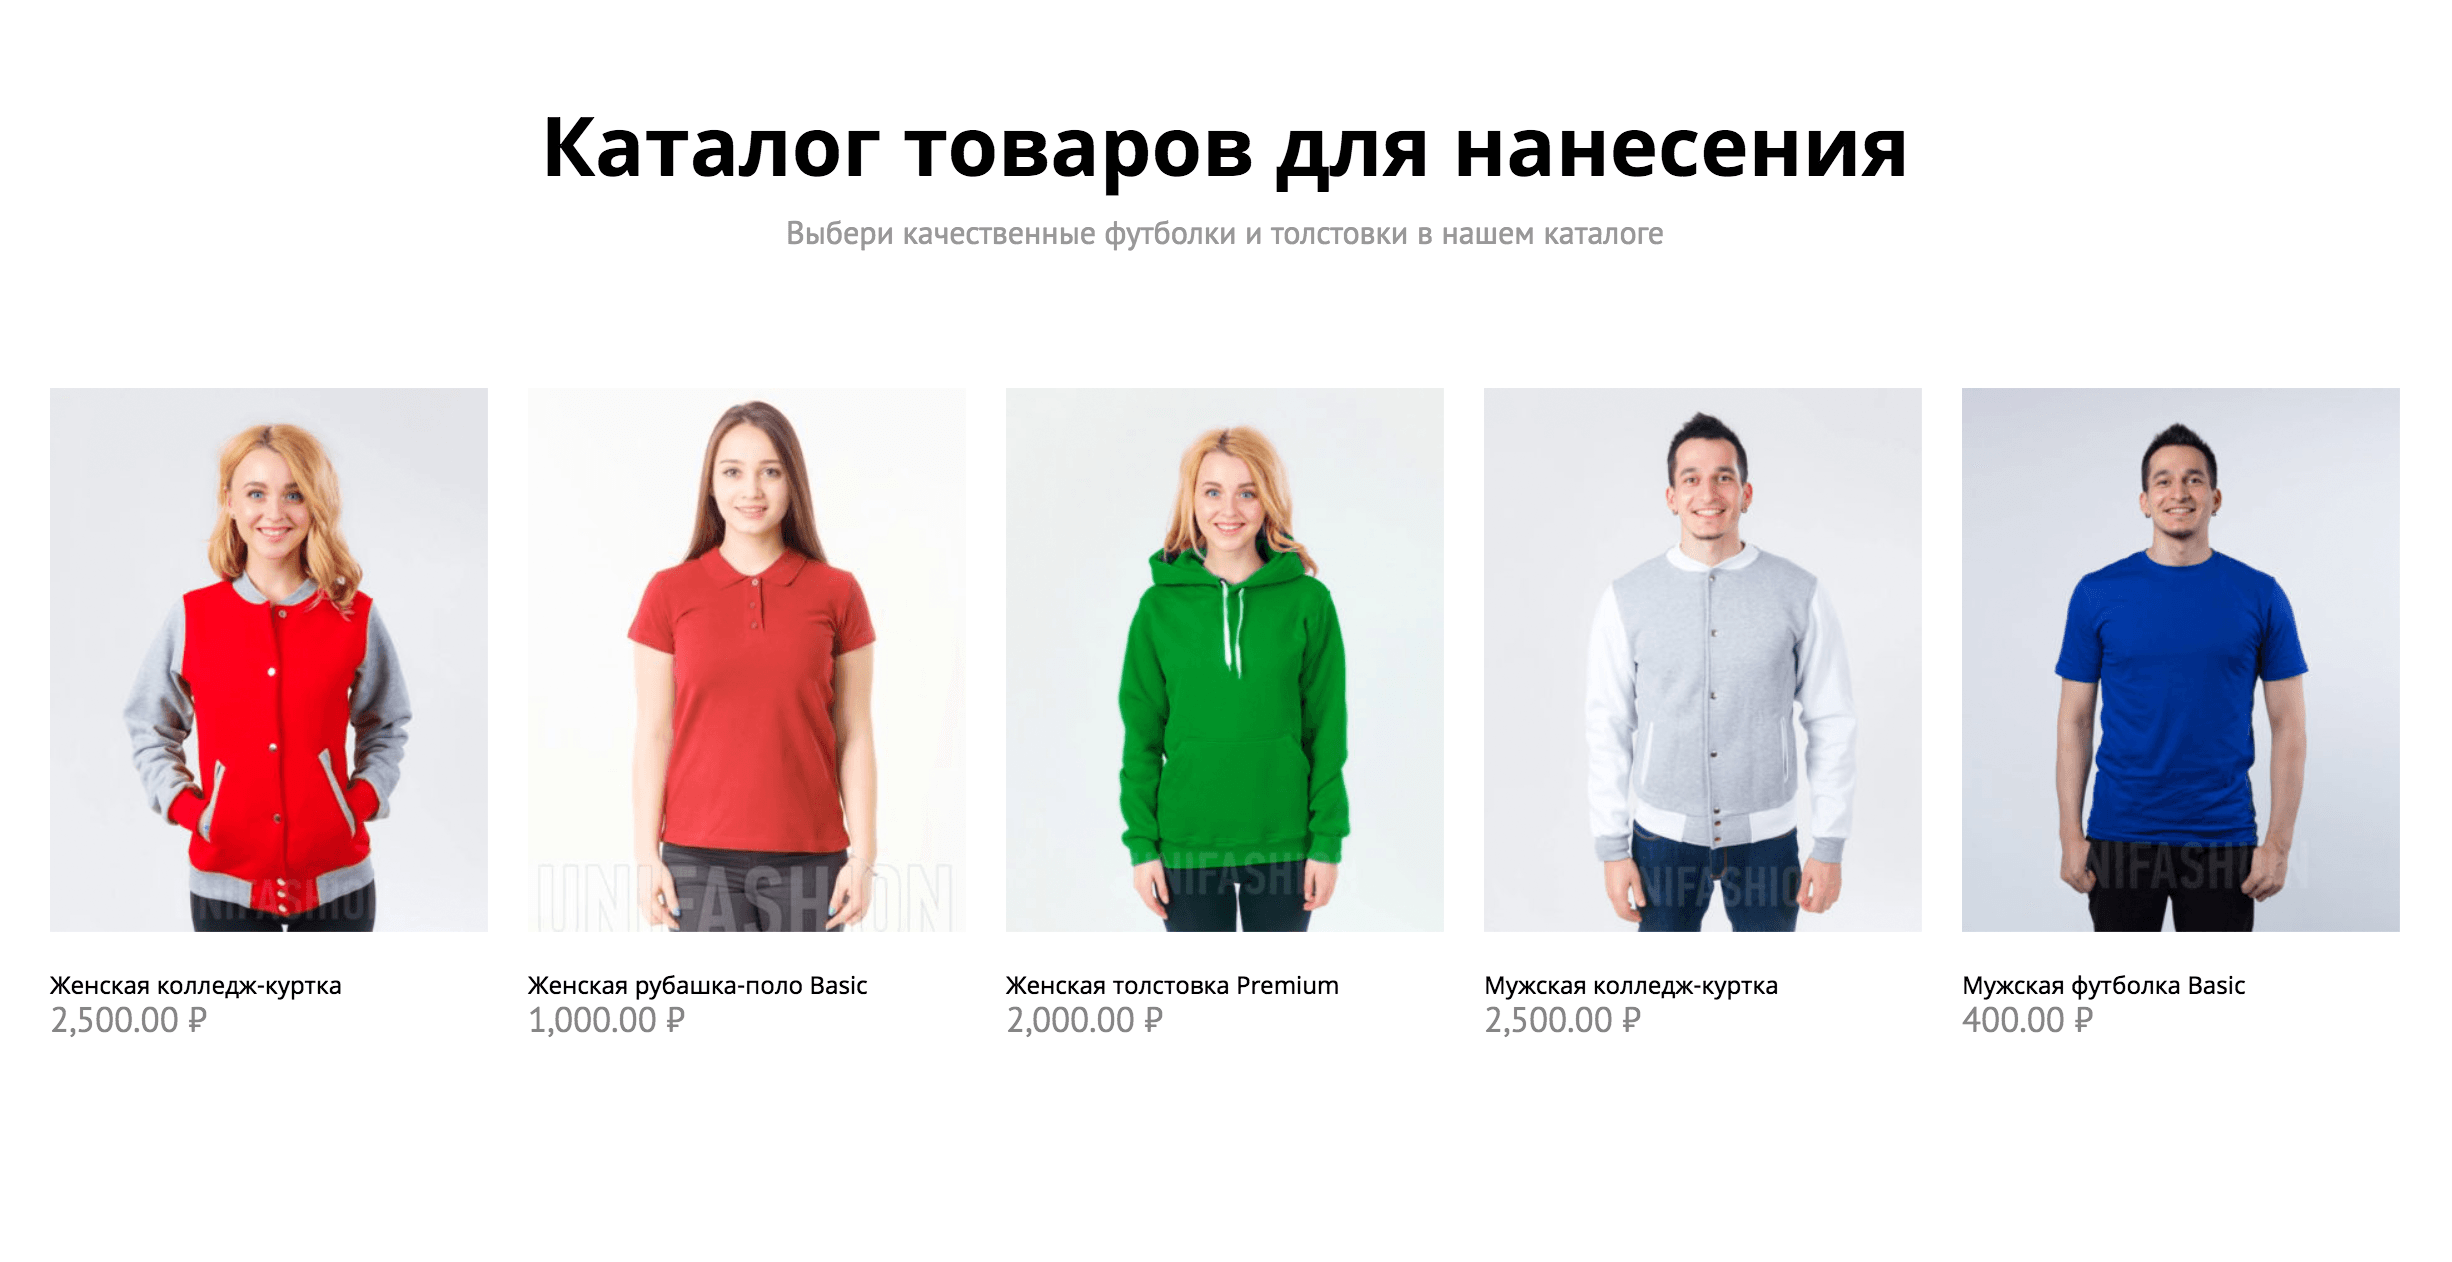 Клиент выбирает в конструкторе на сайте модель, размер, цвет, принт и способ печати. Например, толстовка с логотипом компании обойдется в 2,4 тысячи рублей без доставки